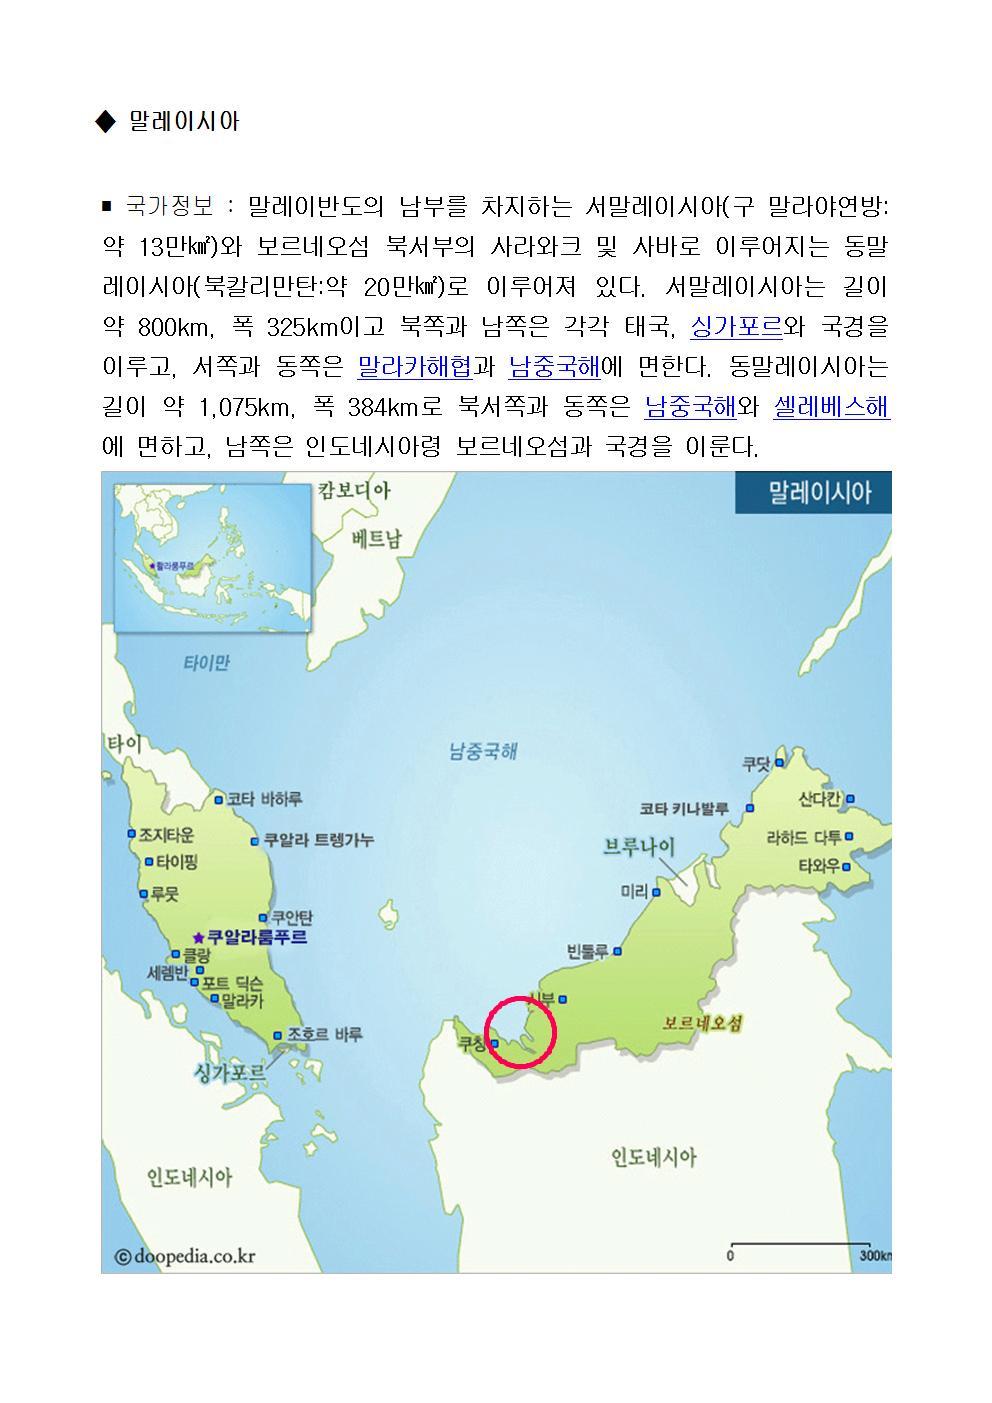 해외봉사활동 계획006.jpg